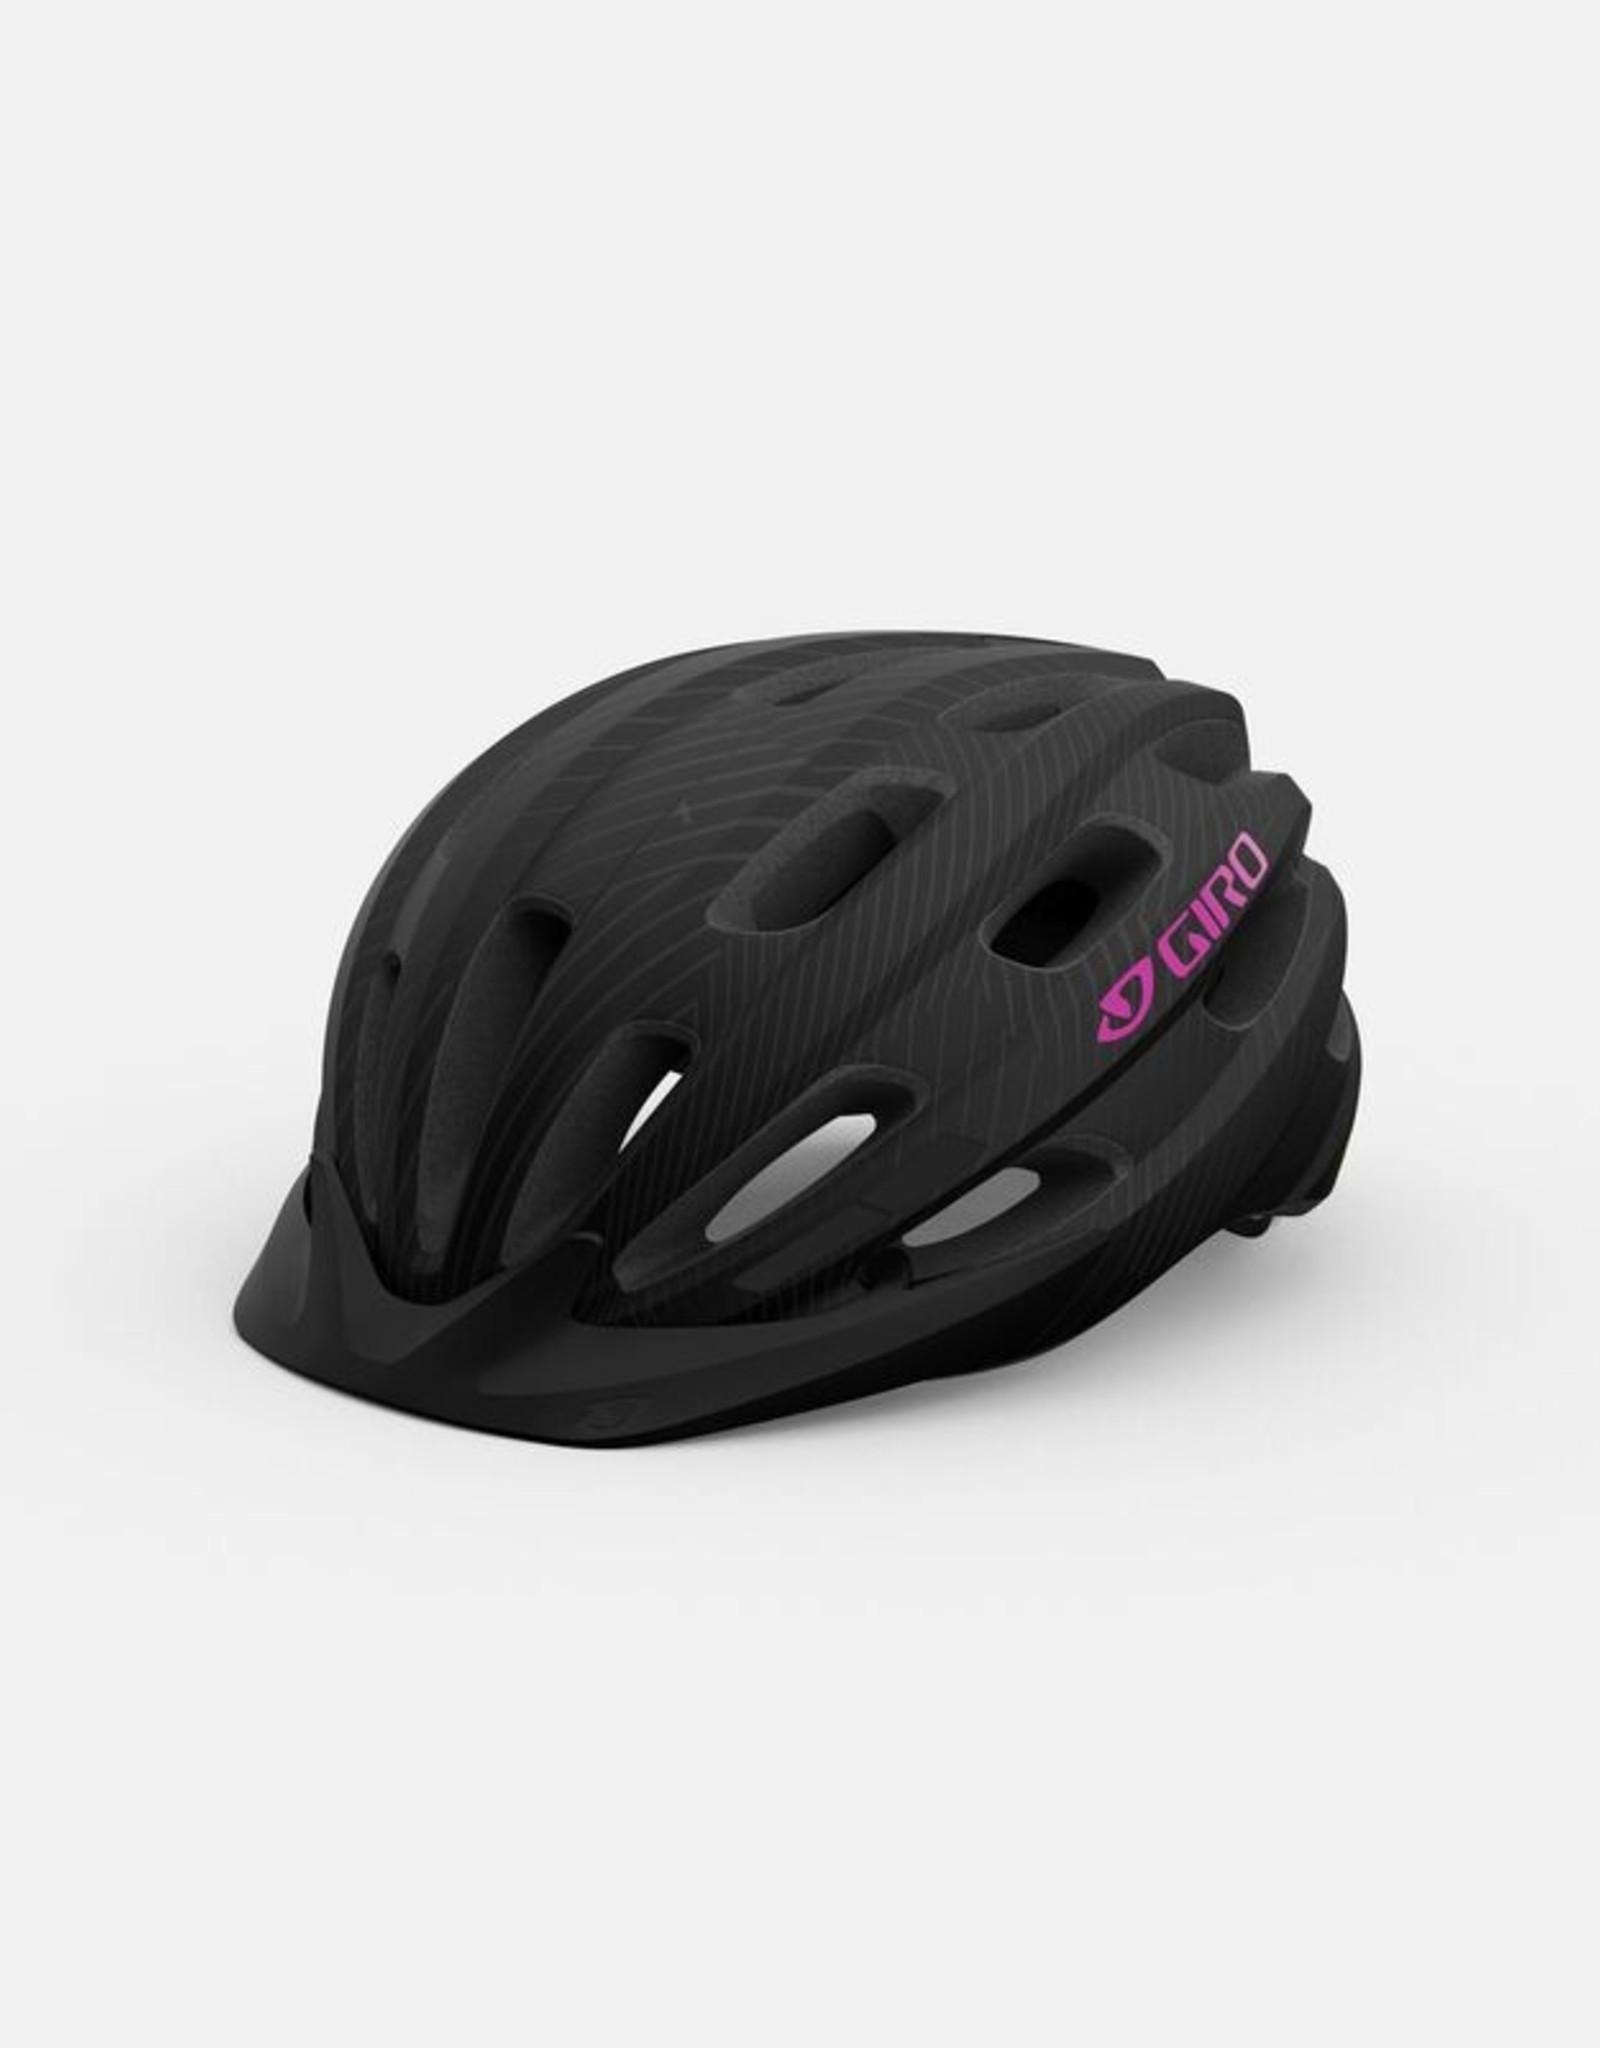 Giro Giro Vasona MIPS Adult Bike Helmet